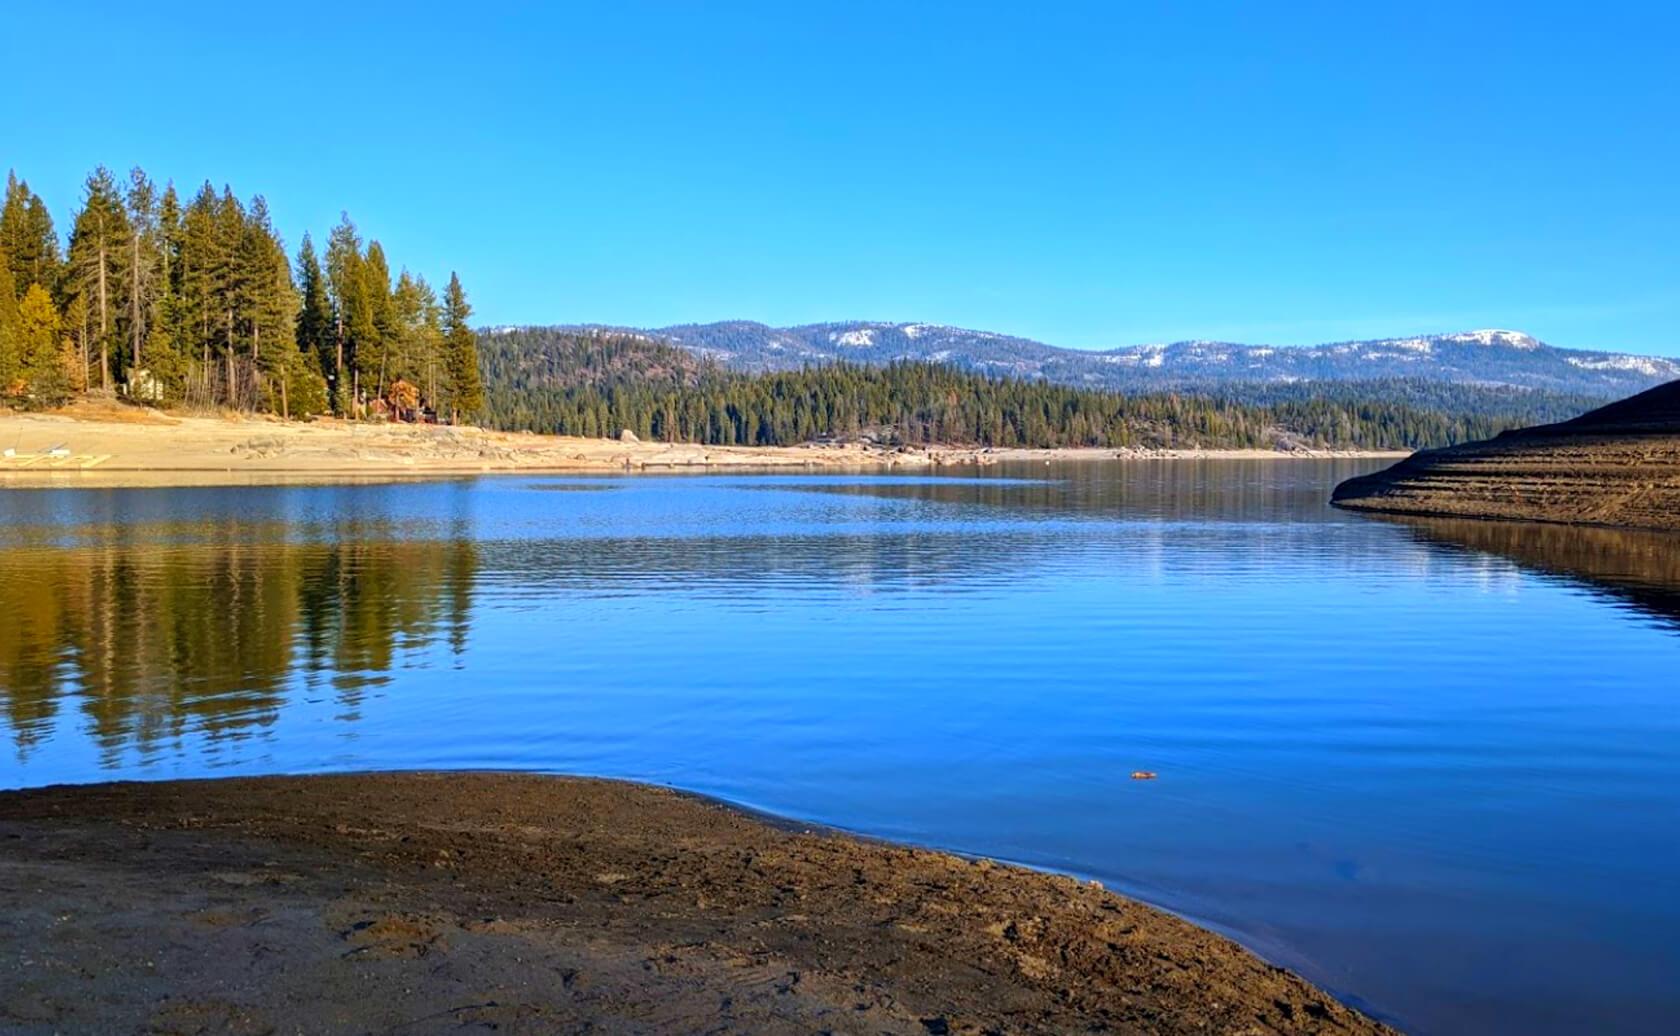 Shaver-Lake-Fishing-Guide-Report-California-01